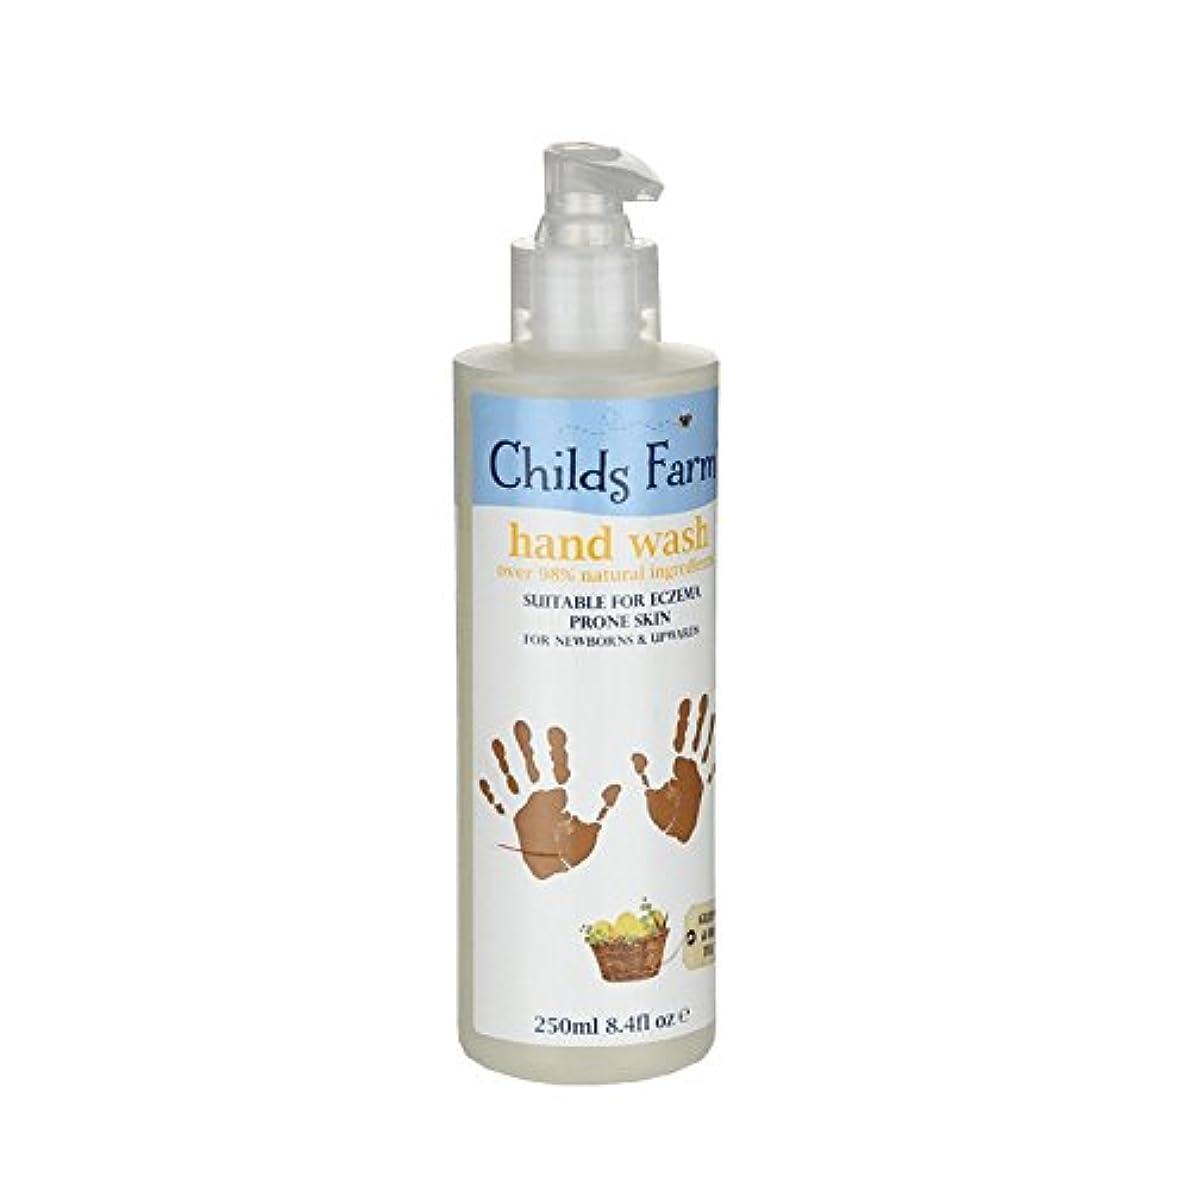 配偶者承知しましたほこり汚いミット250ミリリットルのためのチャイルズファーム手洗い - Childs Farm Hand Wash for Mucky Mitts 250ml (Childs Farm) [並行輸入品]